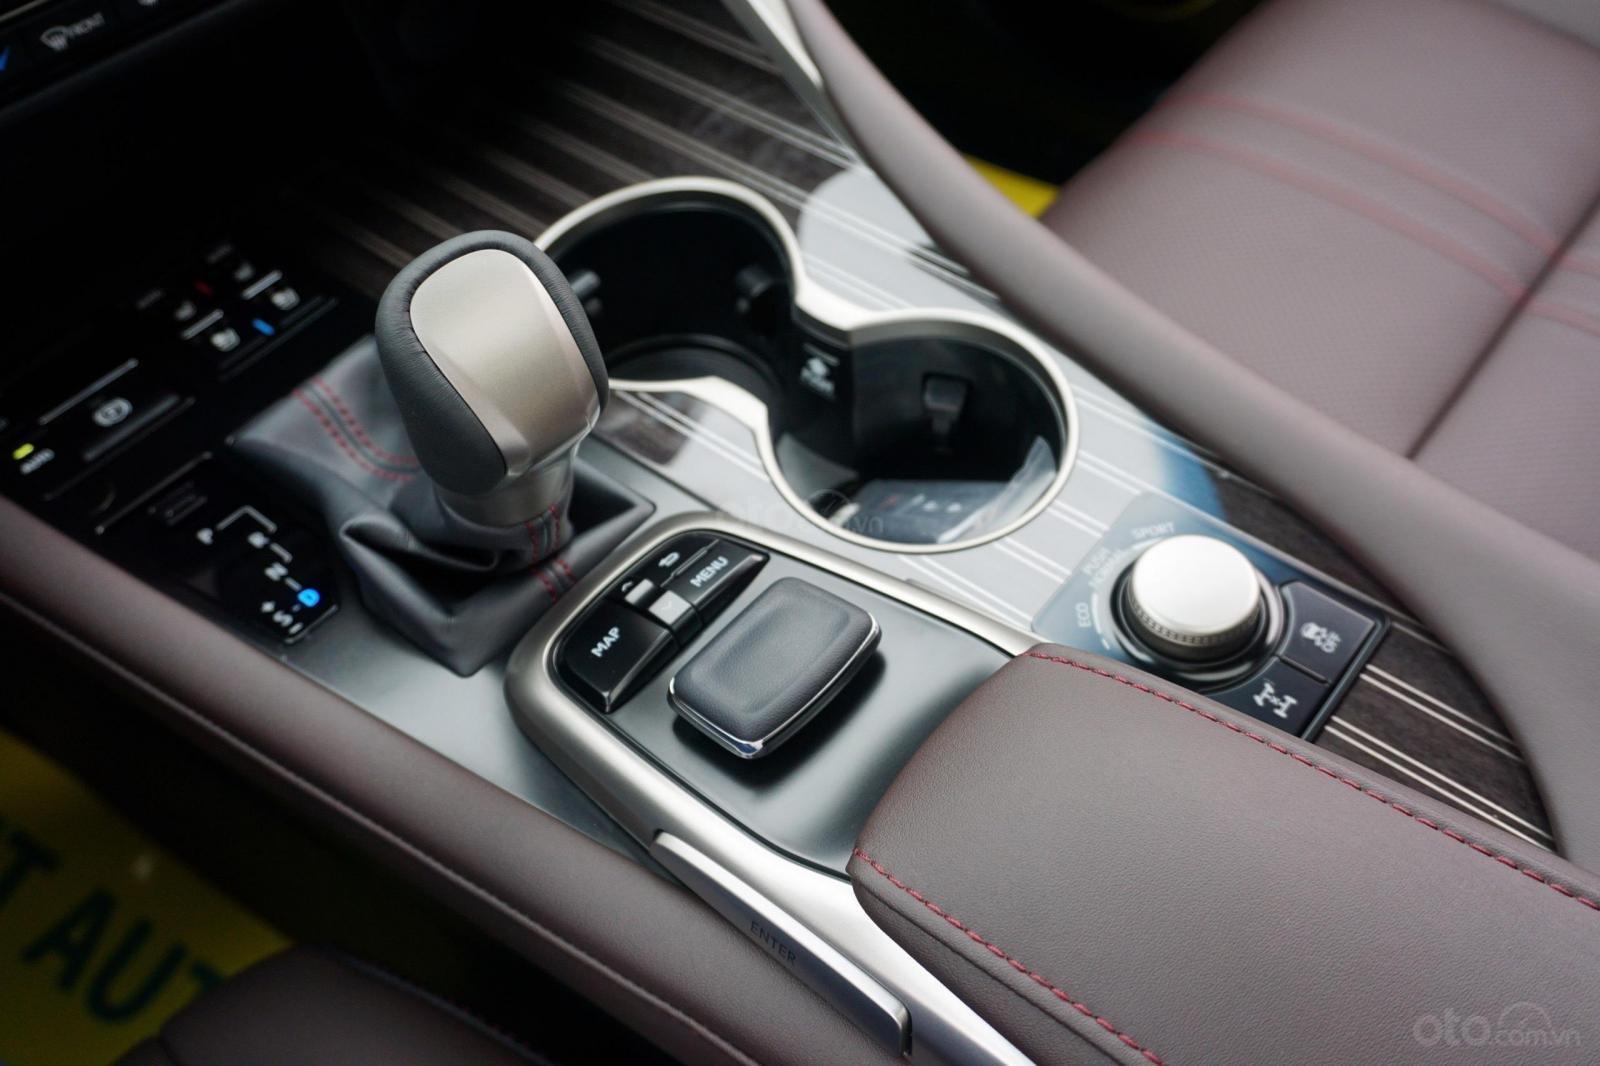 Bán Lexus RX 350 sản xuất 2019, màu đen, nhập Mỹ, giao ngay, LH 094.539.2468 Ms Hương (12)